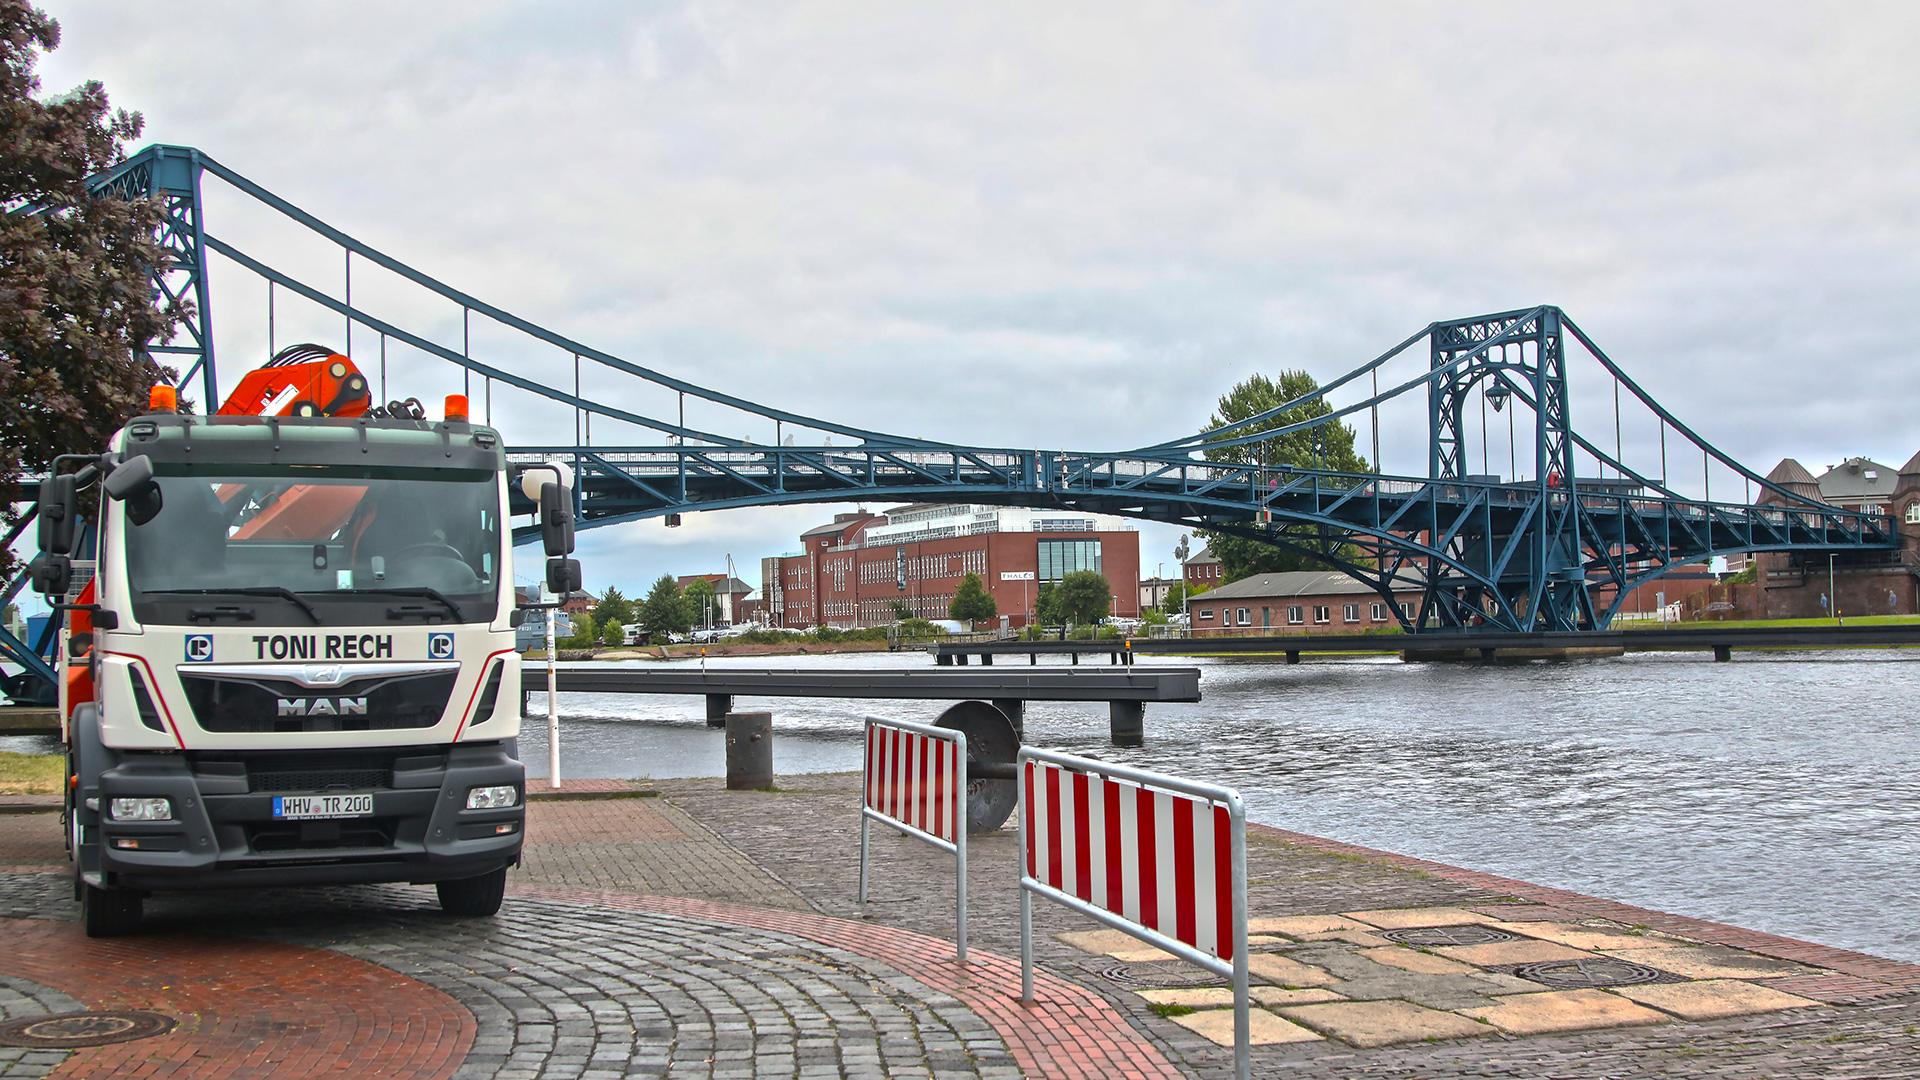 LKW Toni Rech vor Kaiser Wilhelm Brücke Wilhelmshaven